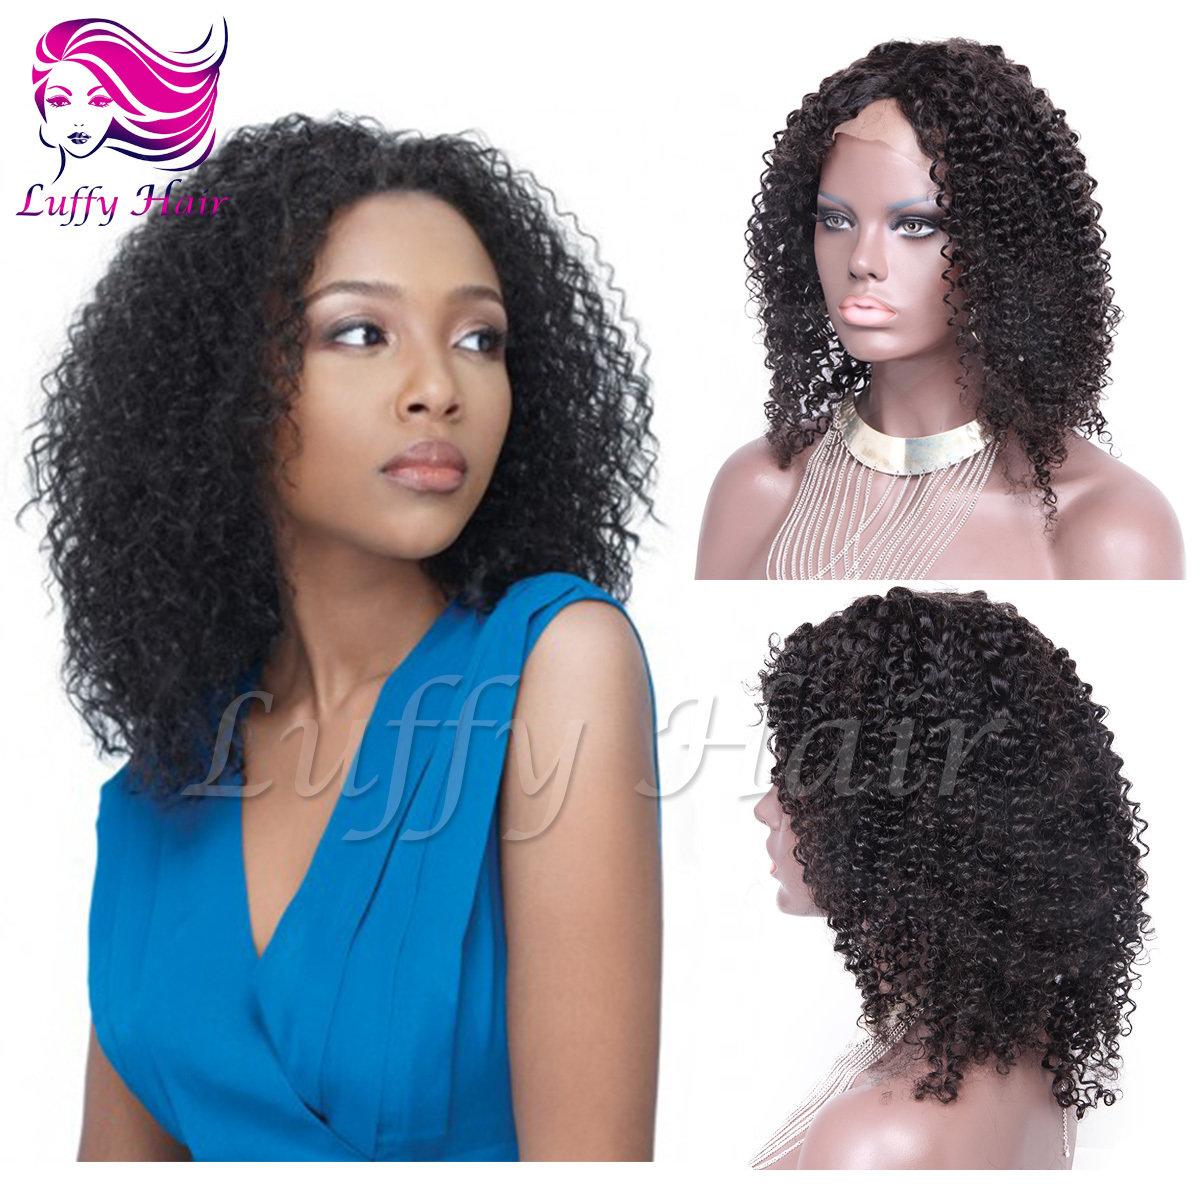 8A Virgin Human Hair Kinky Curly Wig - KWL051